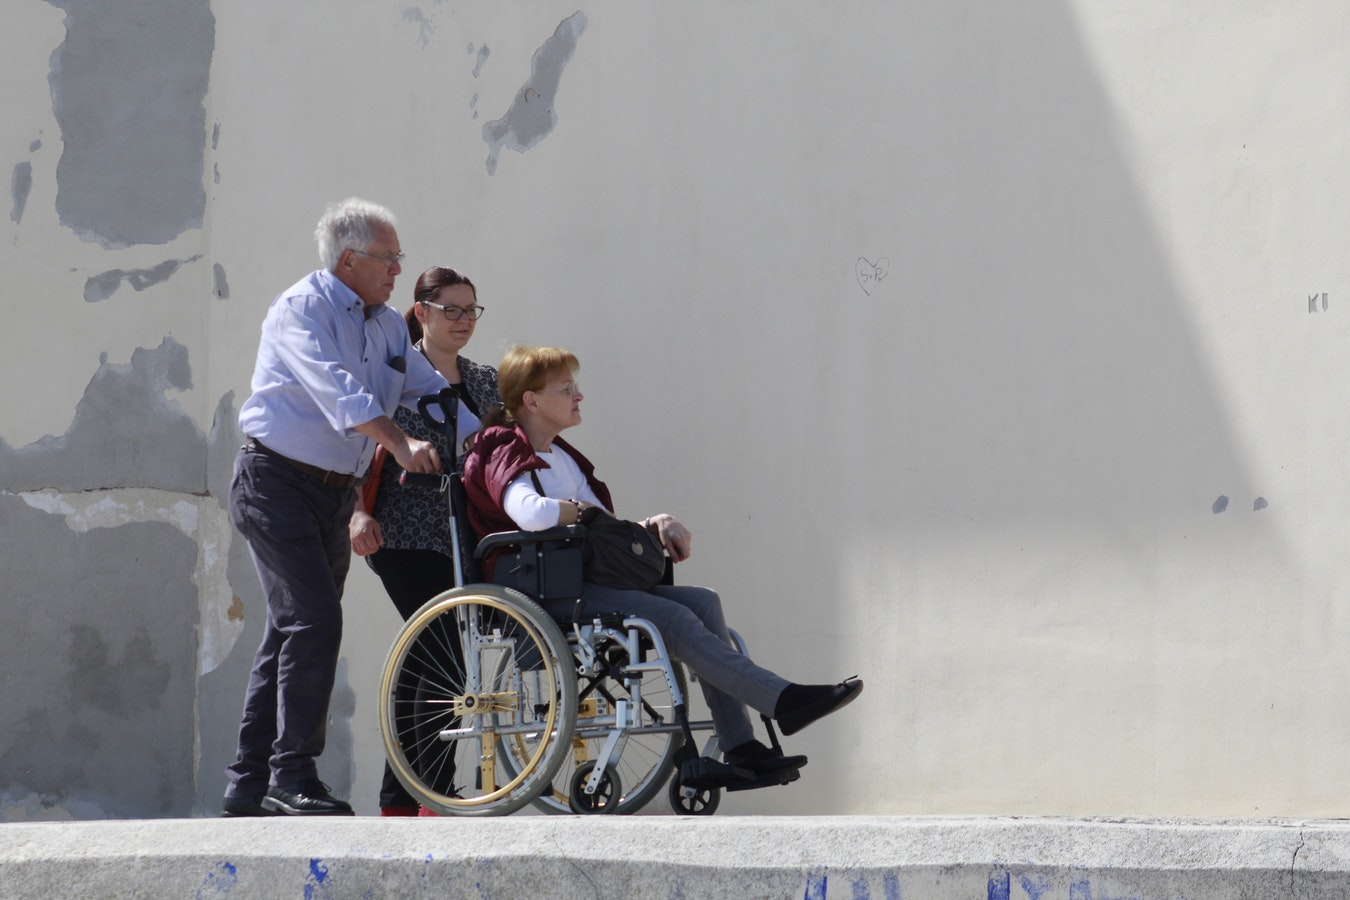 離開醫院後,我發現一個對輪椅人士並不合適的世界。鋪設不均勻的人行道、碎玻璃、口香糖、樓梯、太陡的斜坡...這些都讓我難以通行。